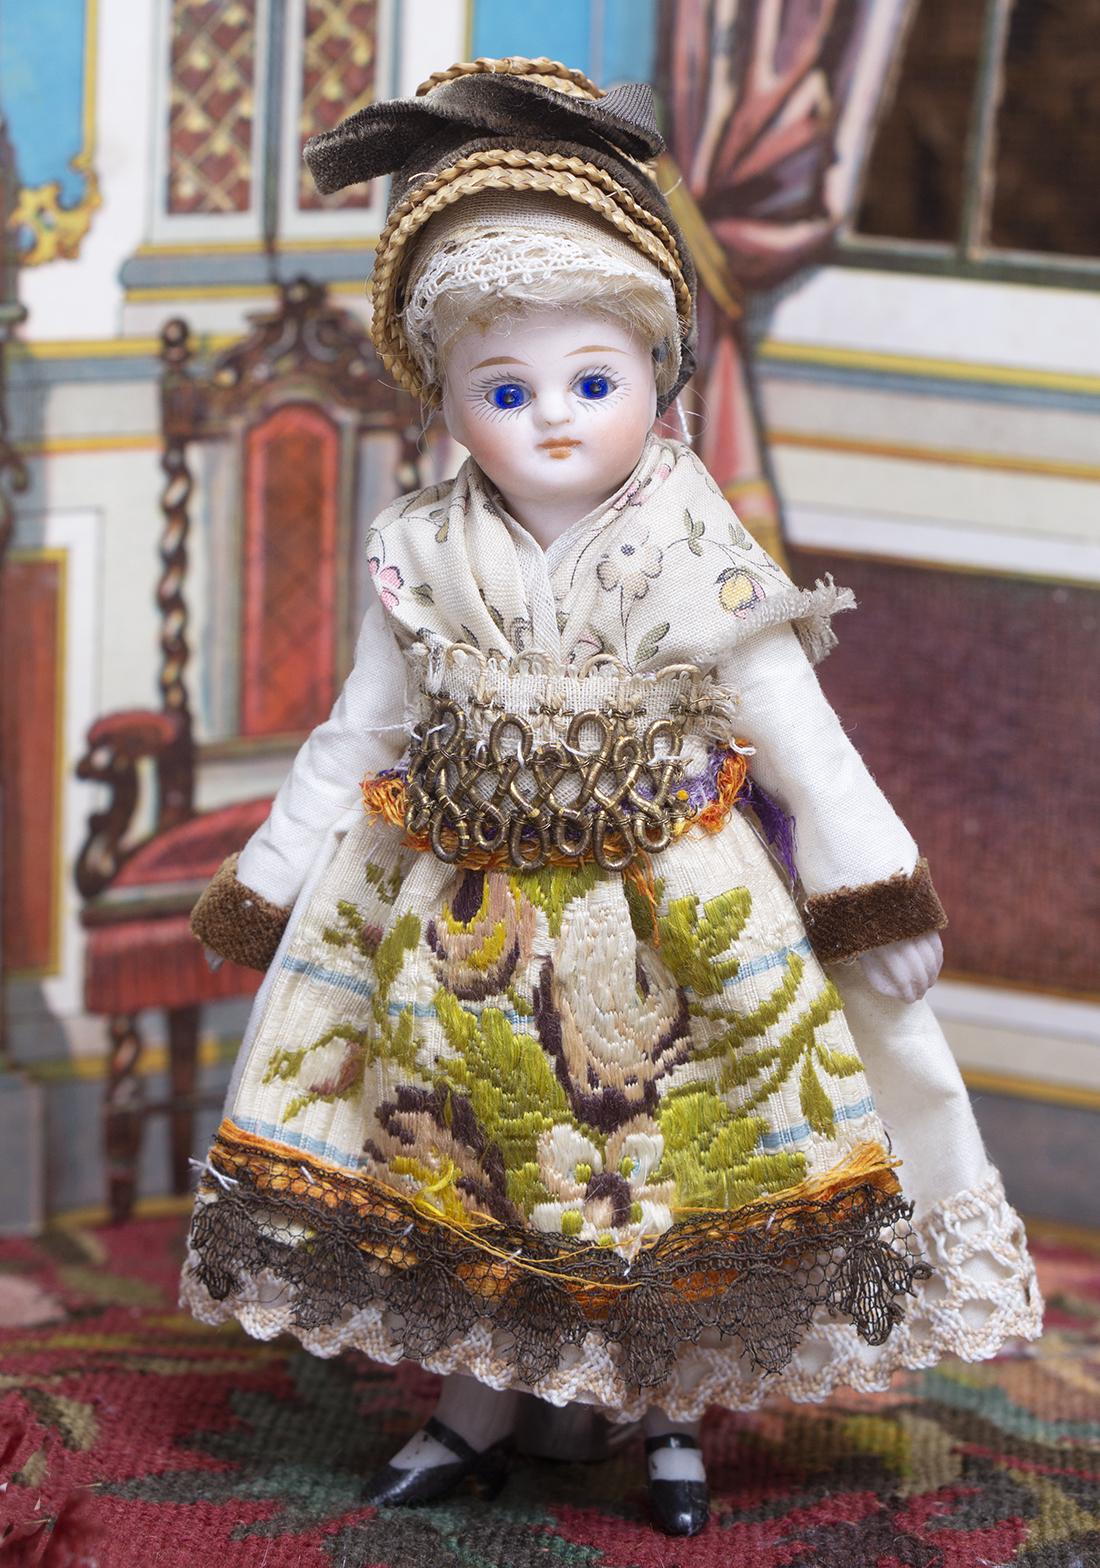 13cм Французская фарфоровая куколка Mignonette  в оригинальном костюме